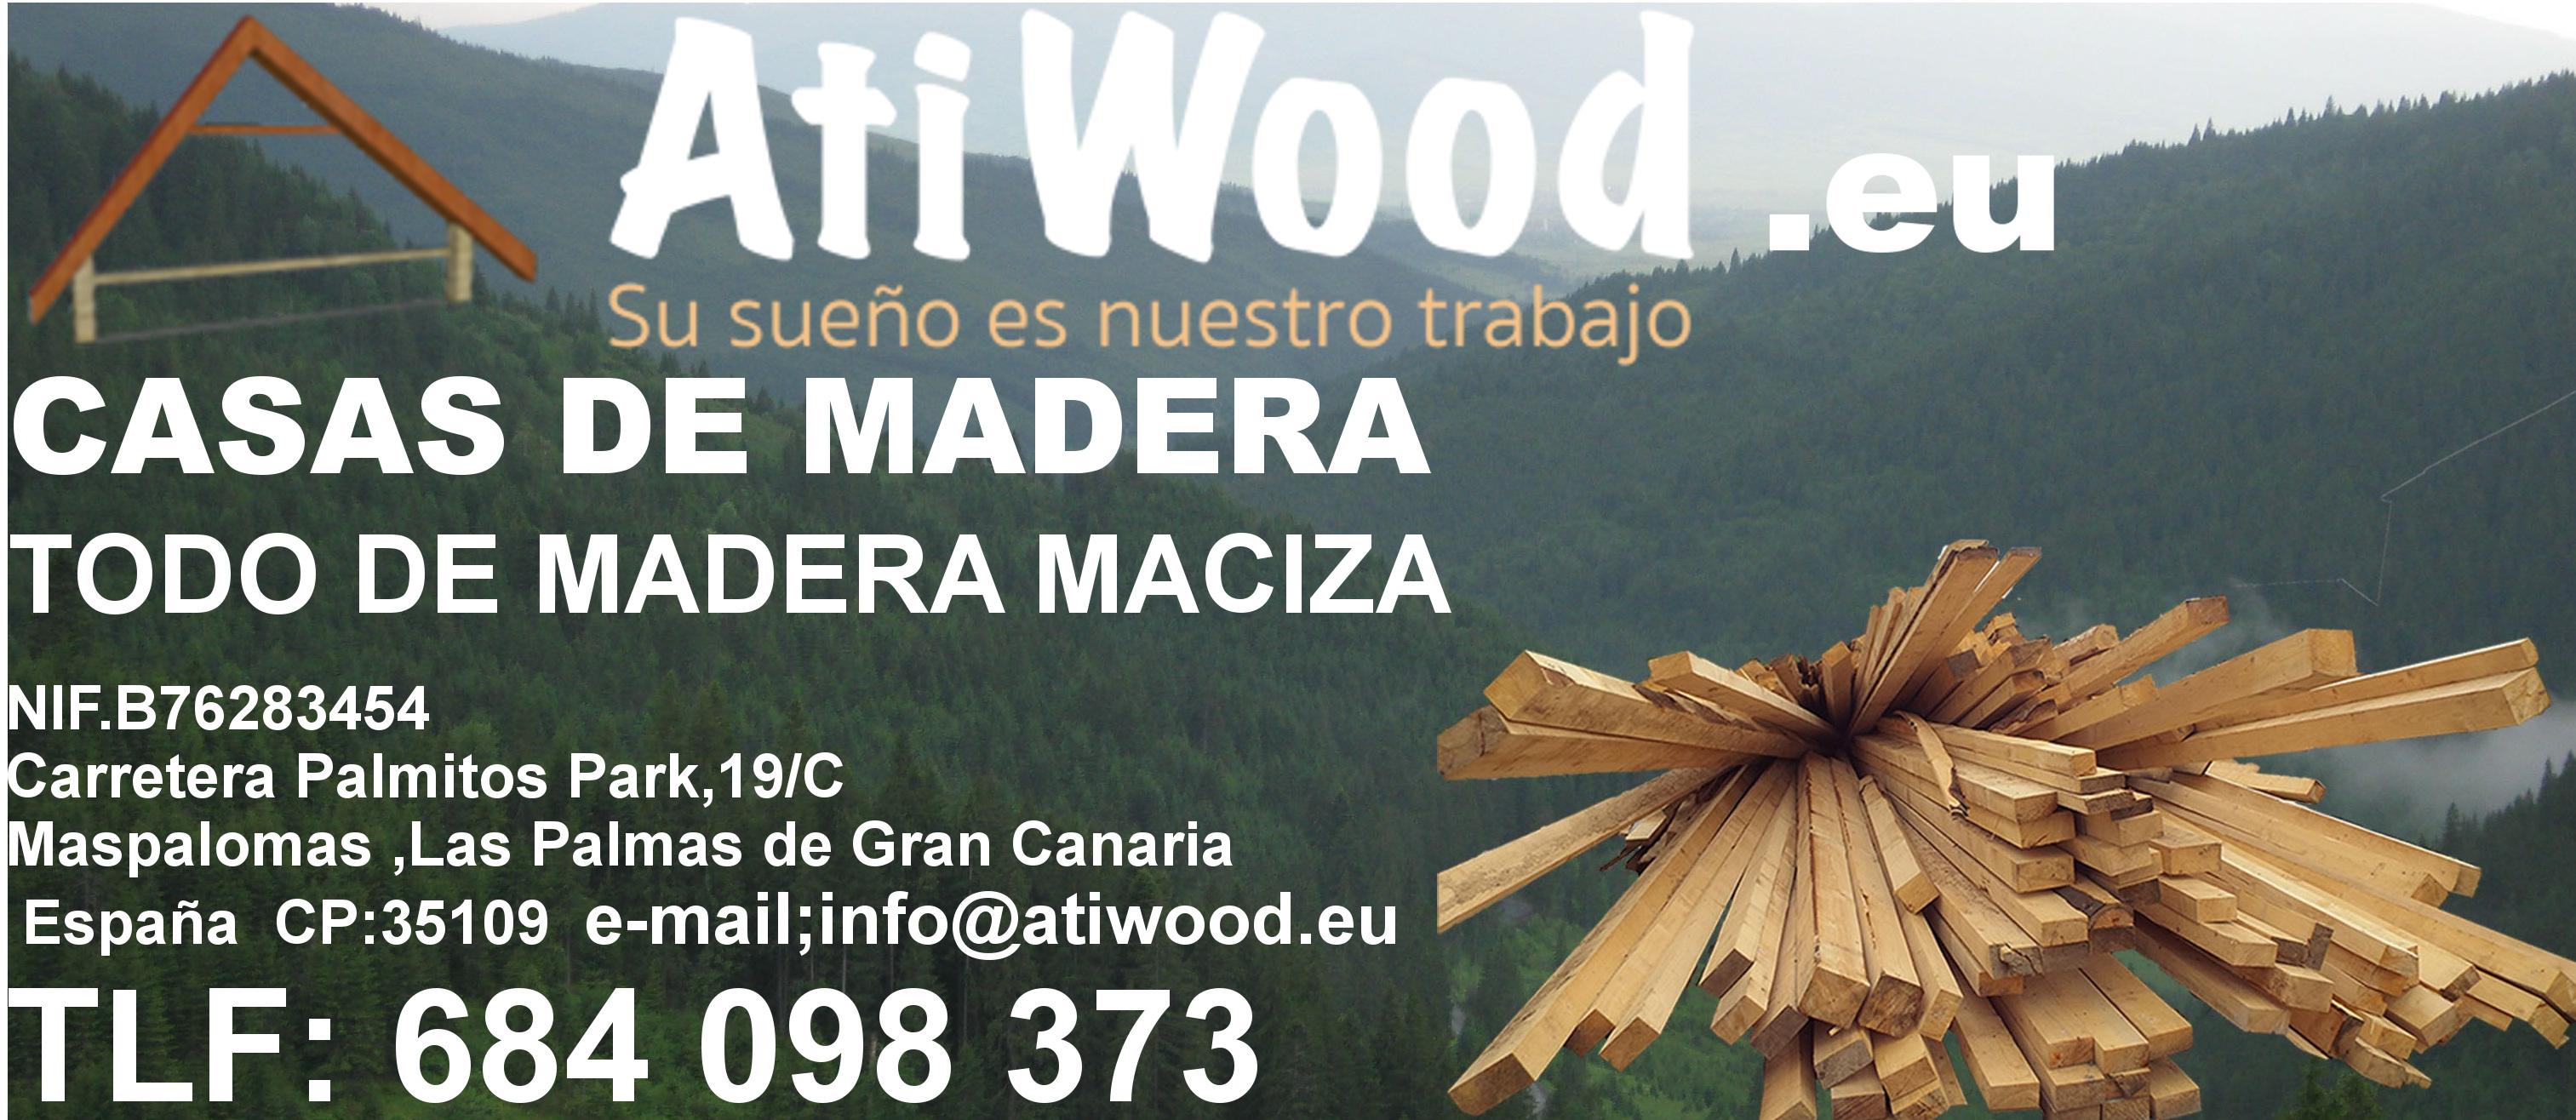 Atiwood